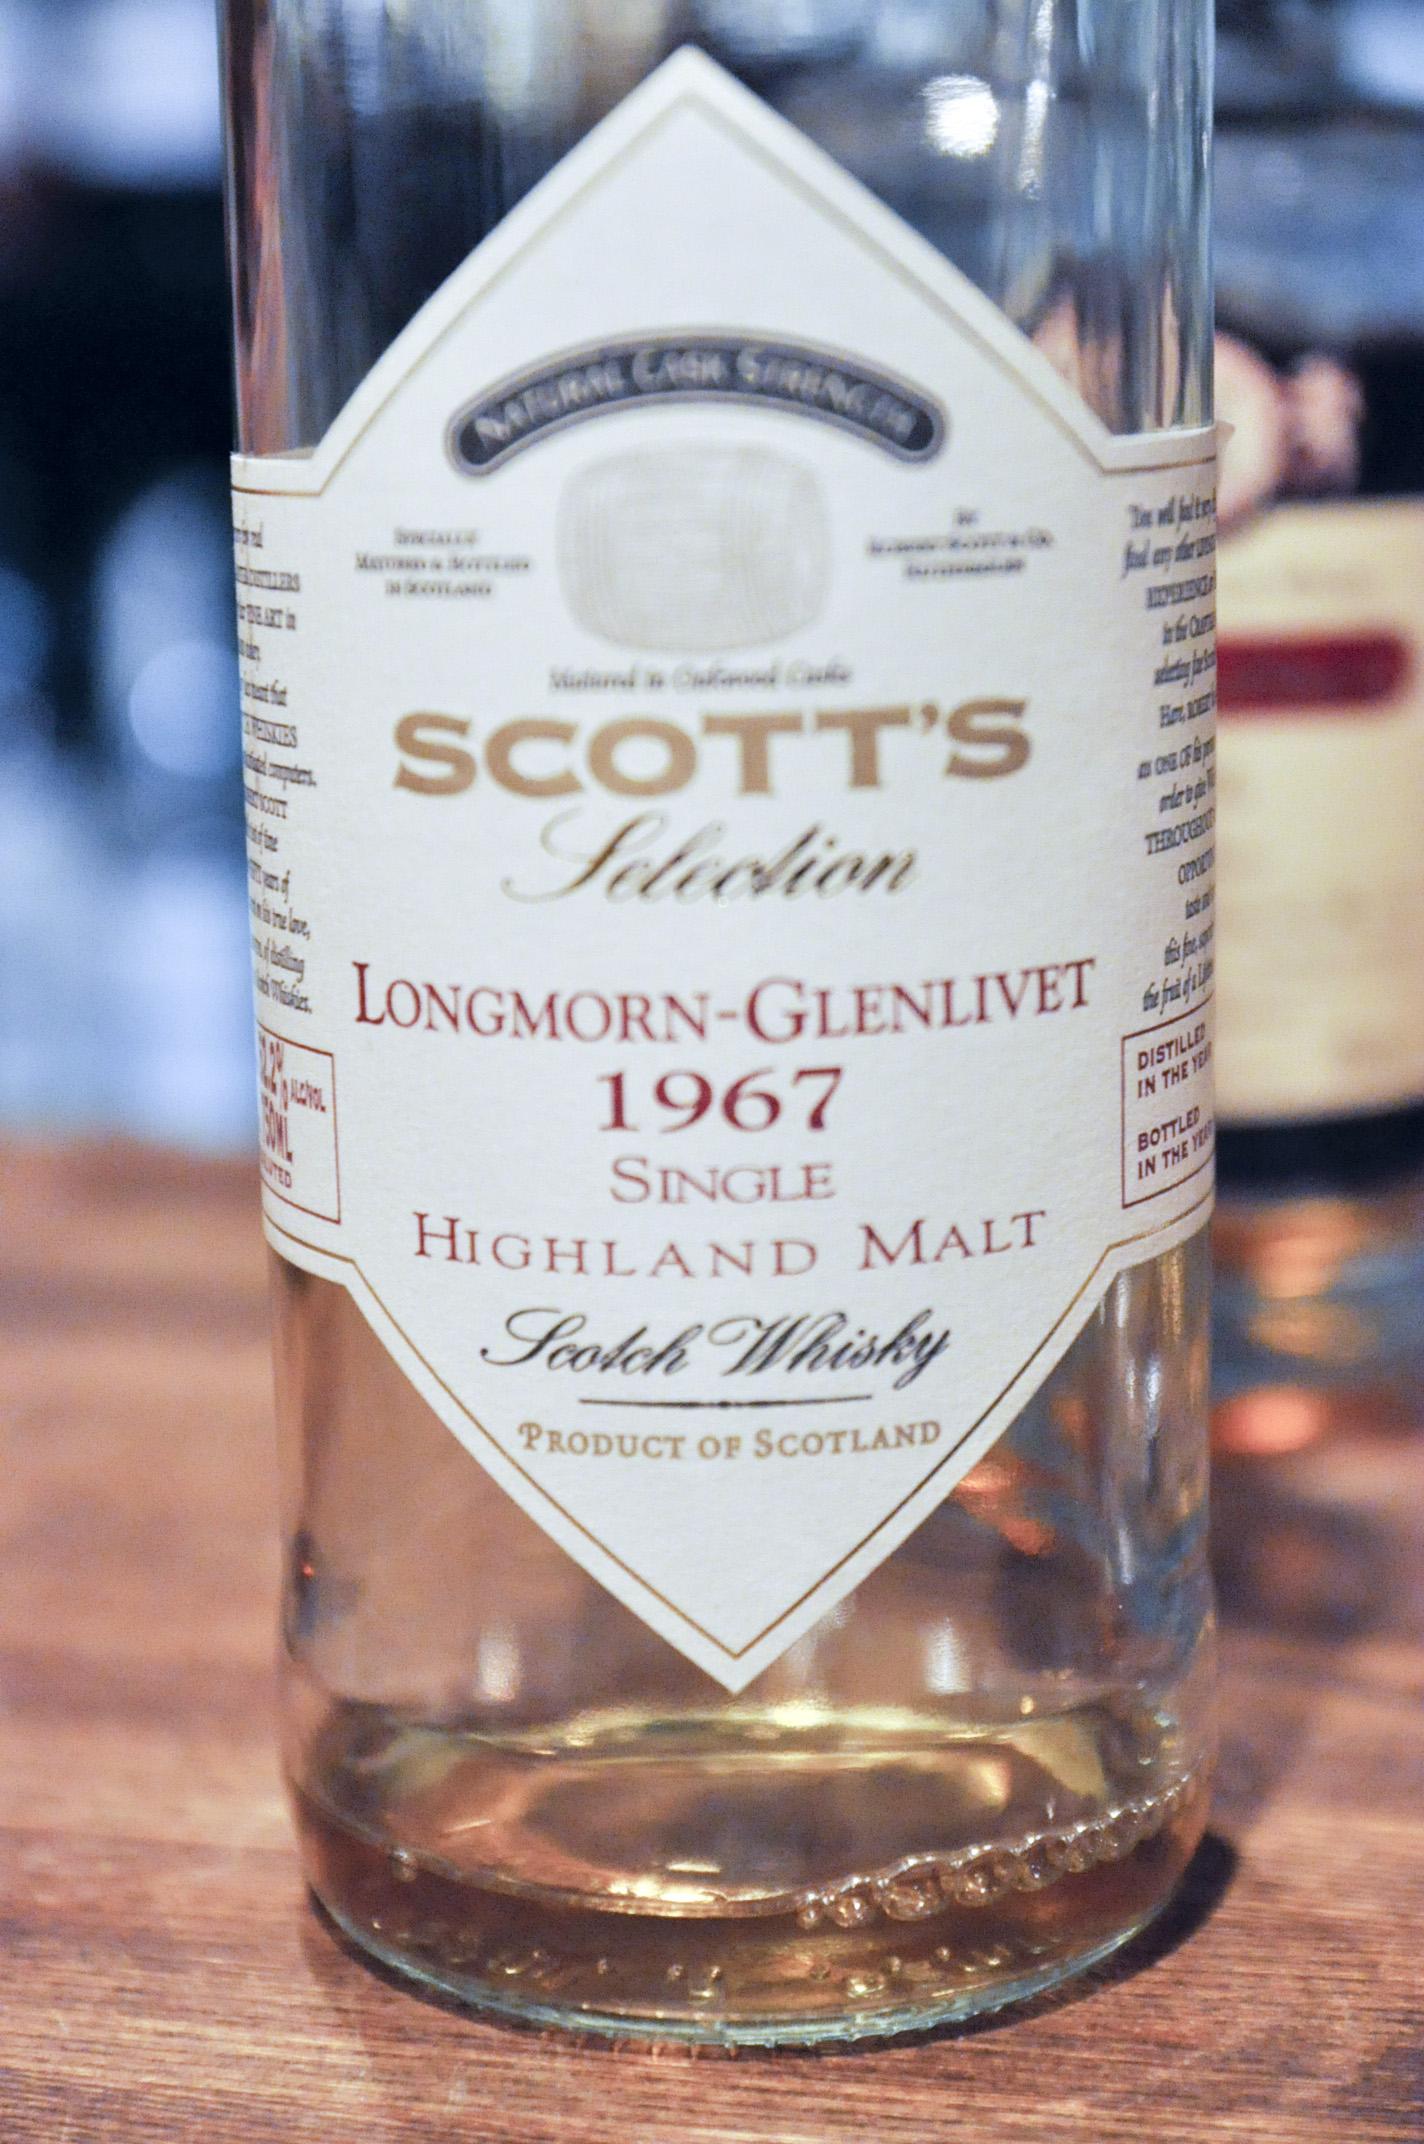 ロングモーン-グレンリベット Longmorn-Glenlivet 1967/2003 (61.3%, Scott's, natural cask strength) 北米向け